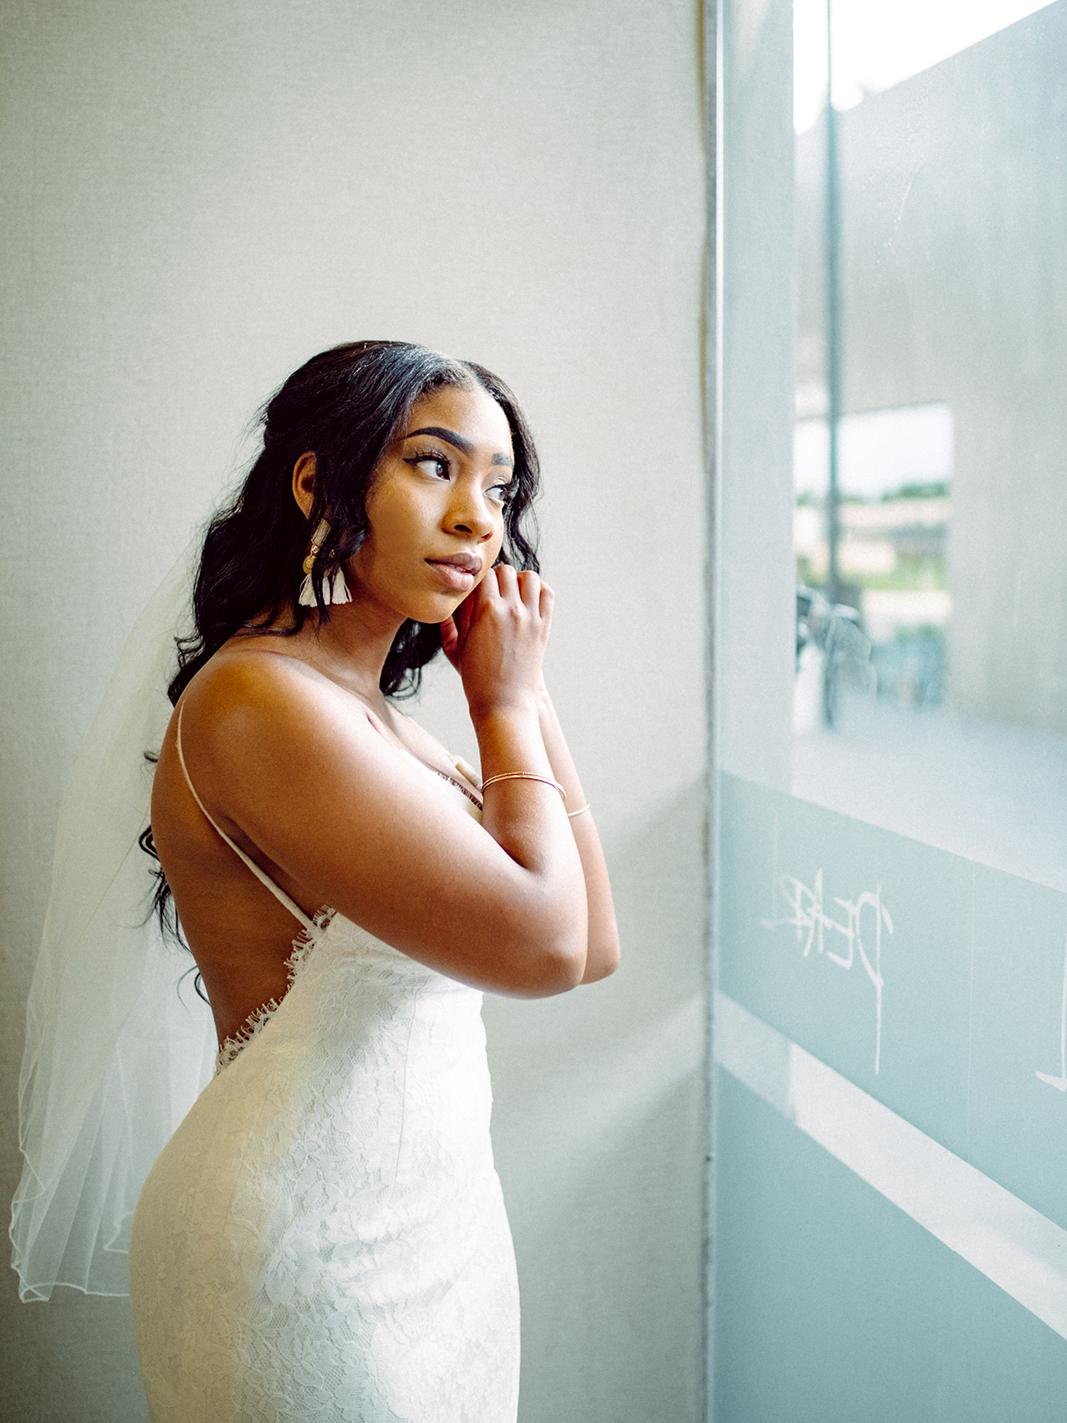 beach wedding bride getting ready